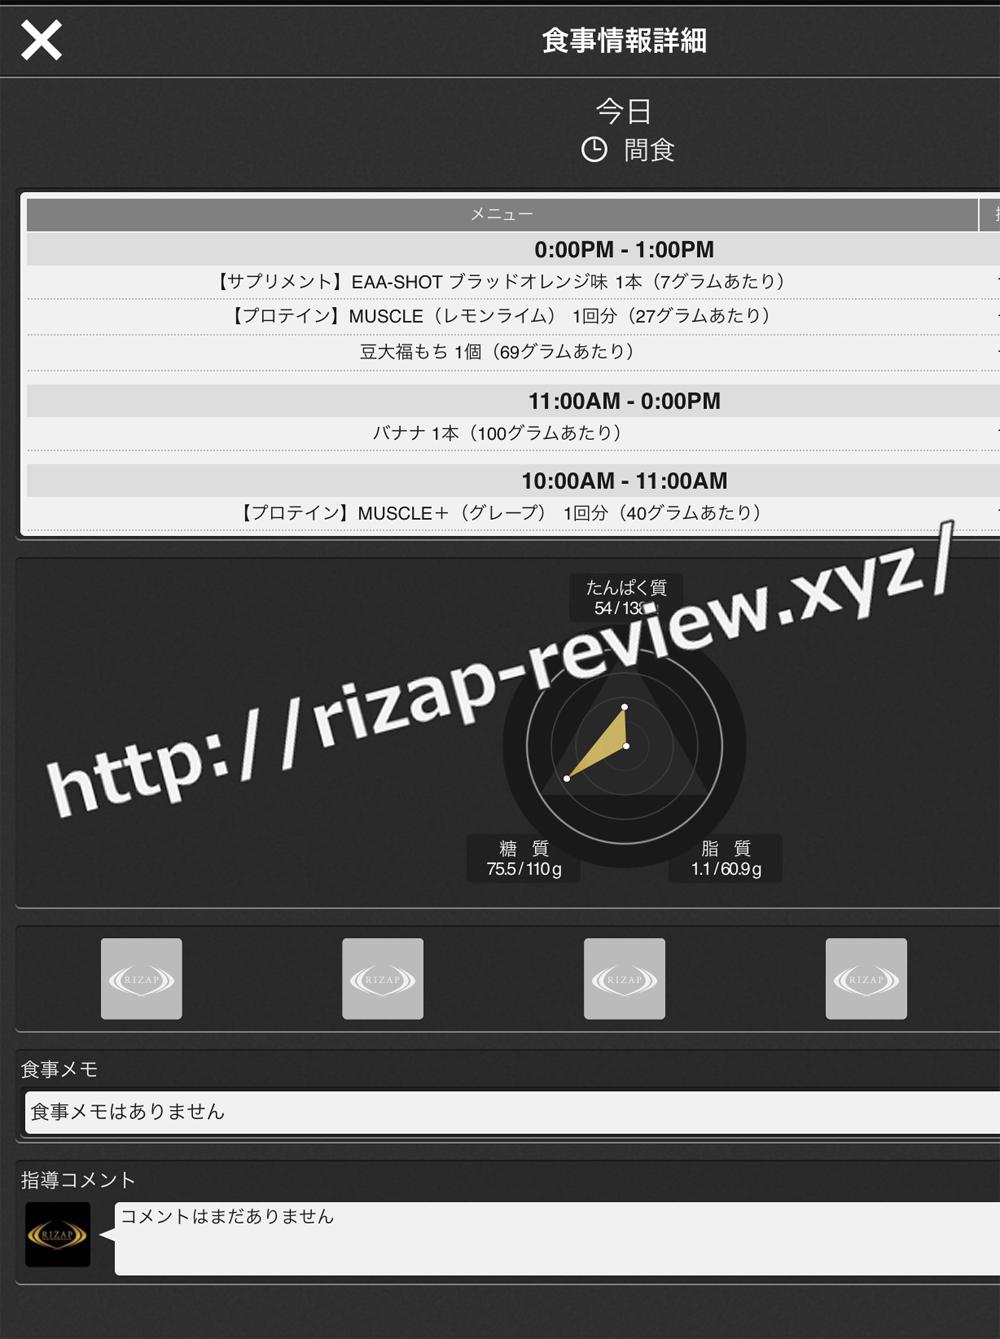 2018.12.11(火)ライザップ流の間食